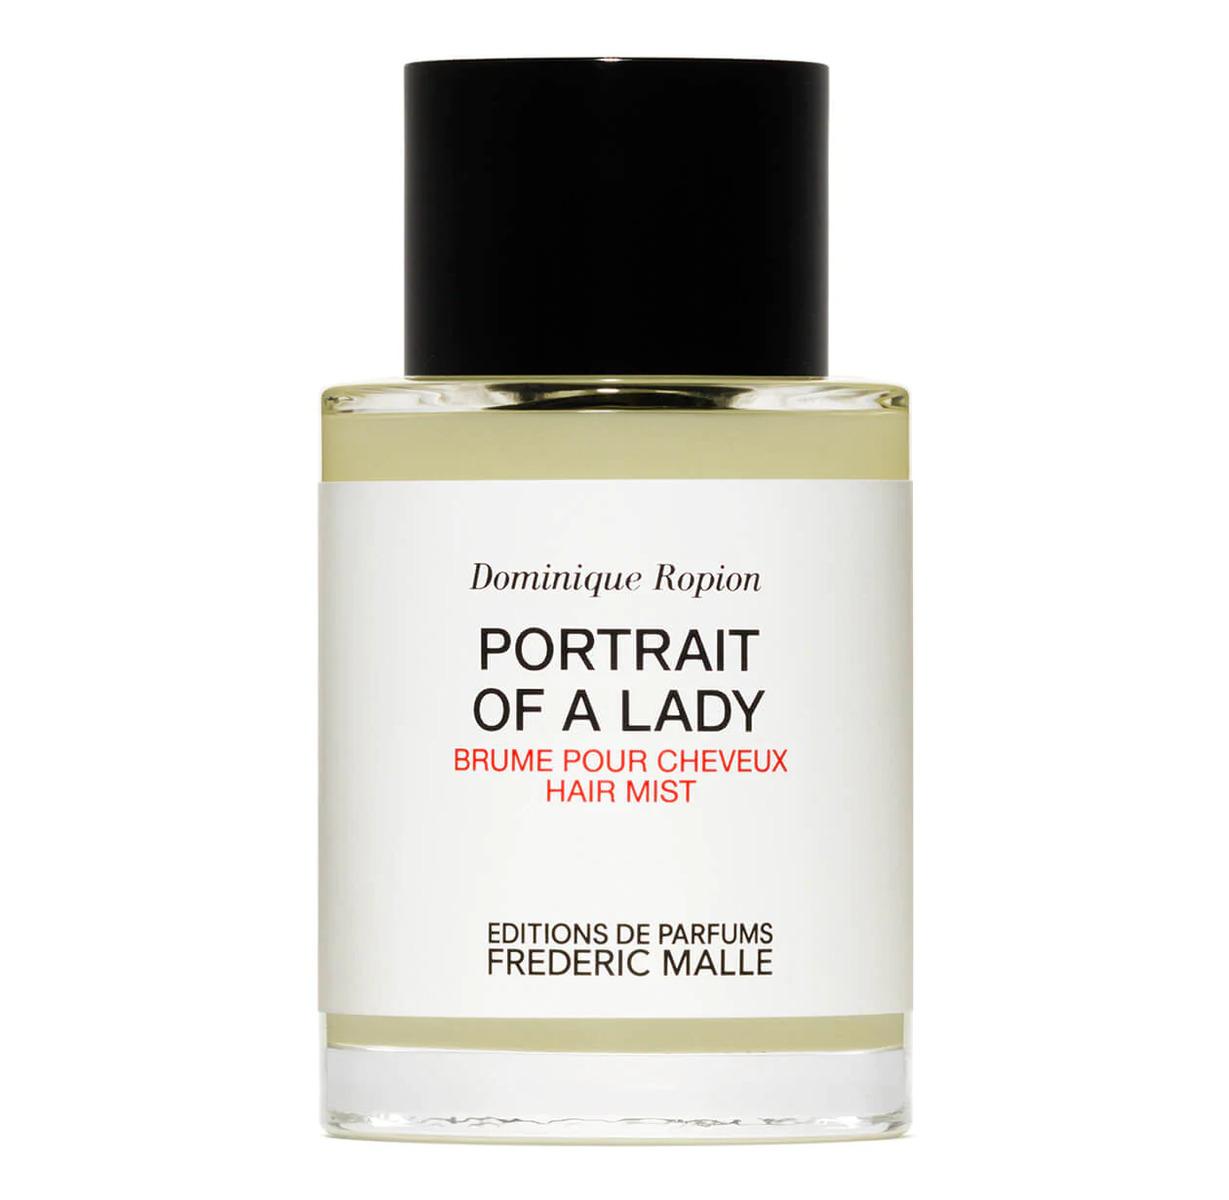 FREDERIC MALLE フレデリック マル ポートレート オブ ア レディ ヘア ミスト Portrait of a Lady Hair Mist 100ml